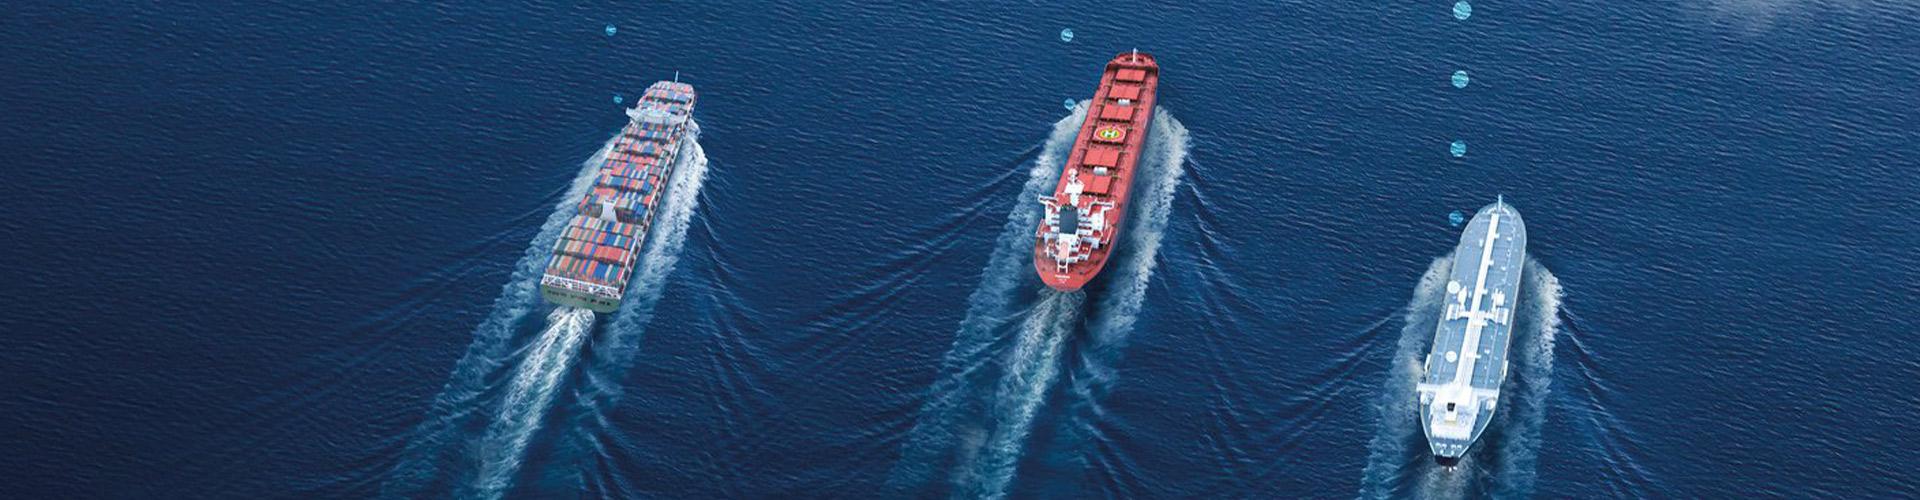 Three vessels at sea